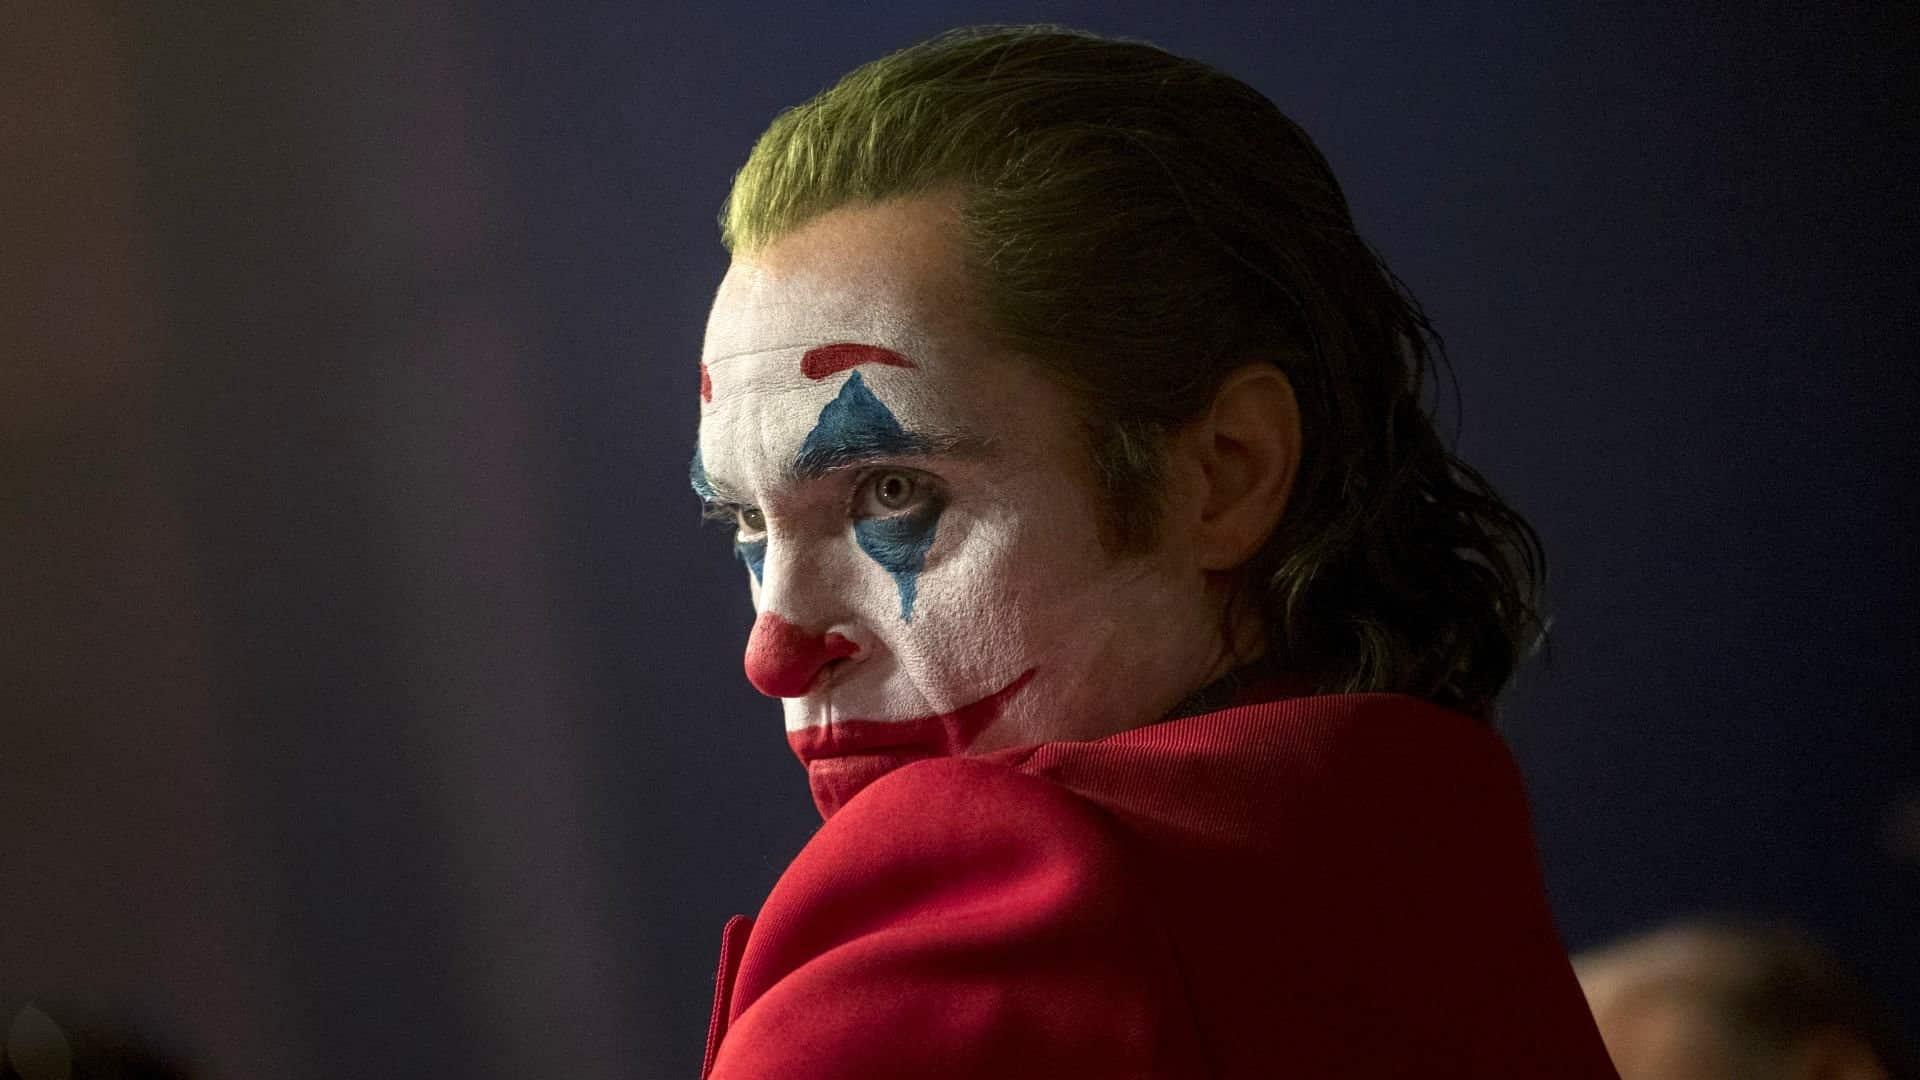 pokračovanie filmu joker